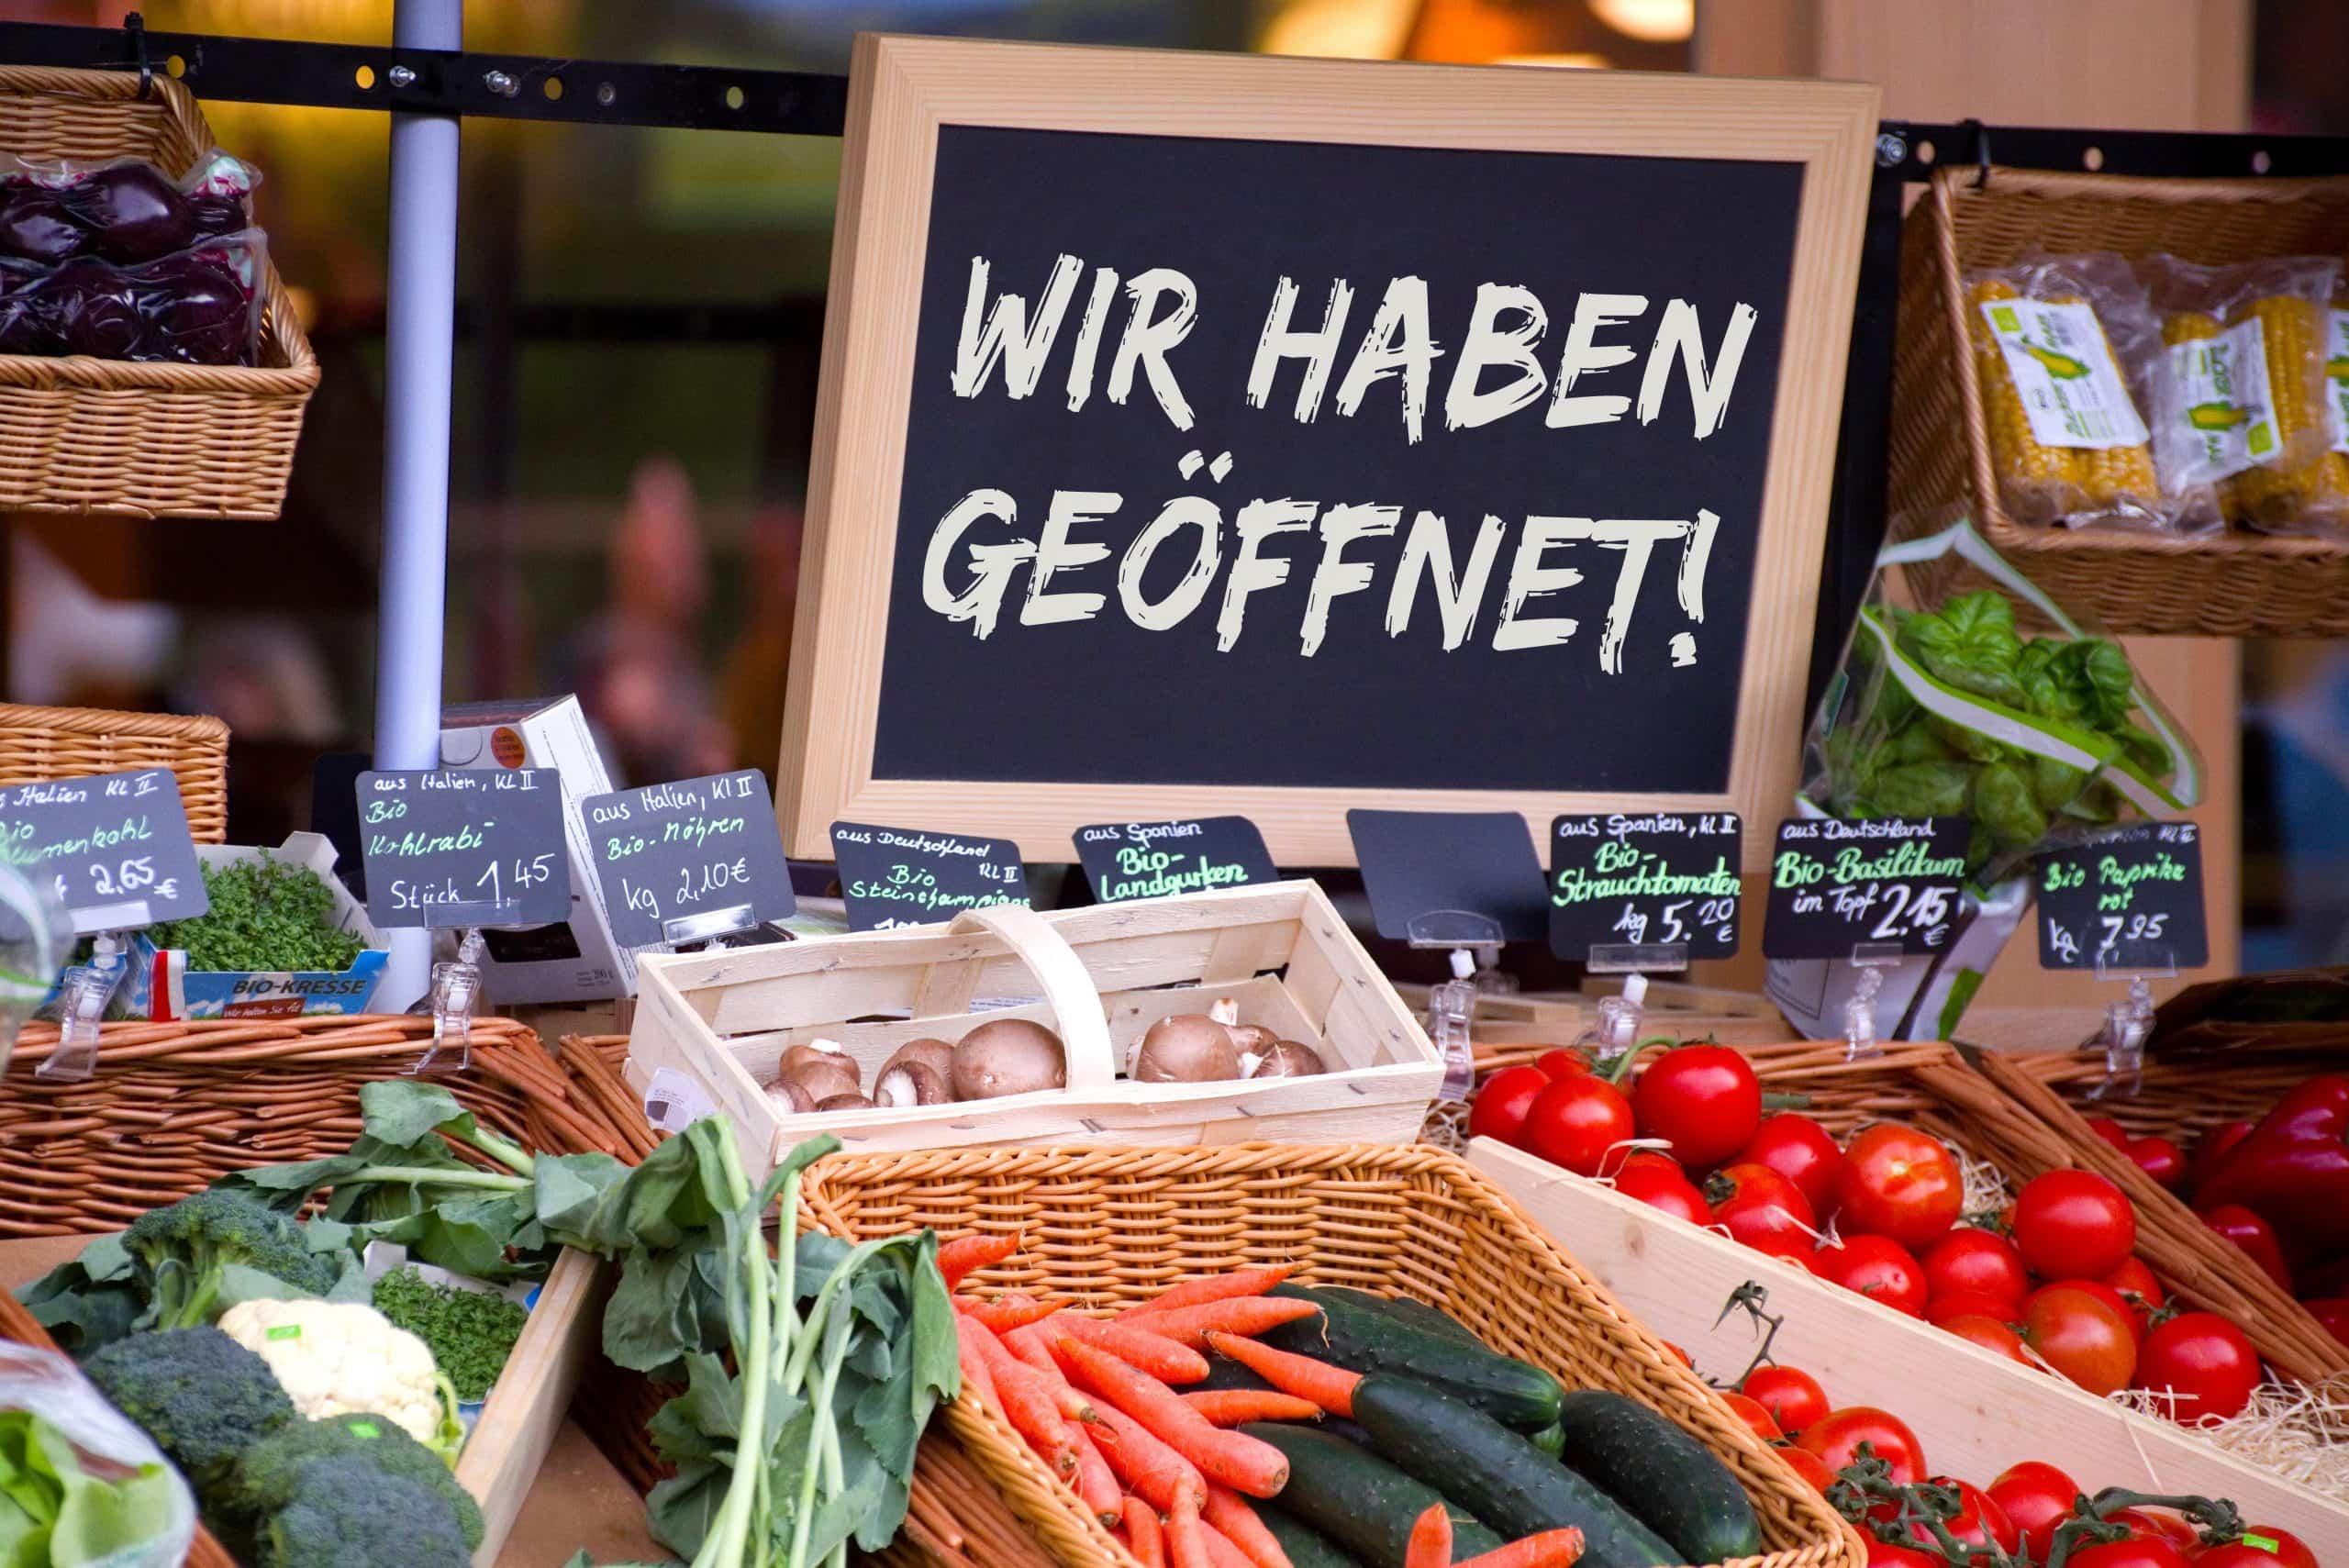 Abstimmung: Corona-Exit: Sollen die Läden in Bayern wieder öffnen dürfen? Was denken Sie?